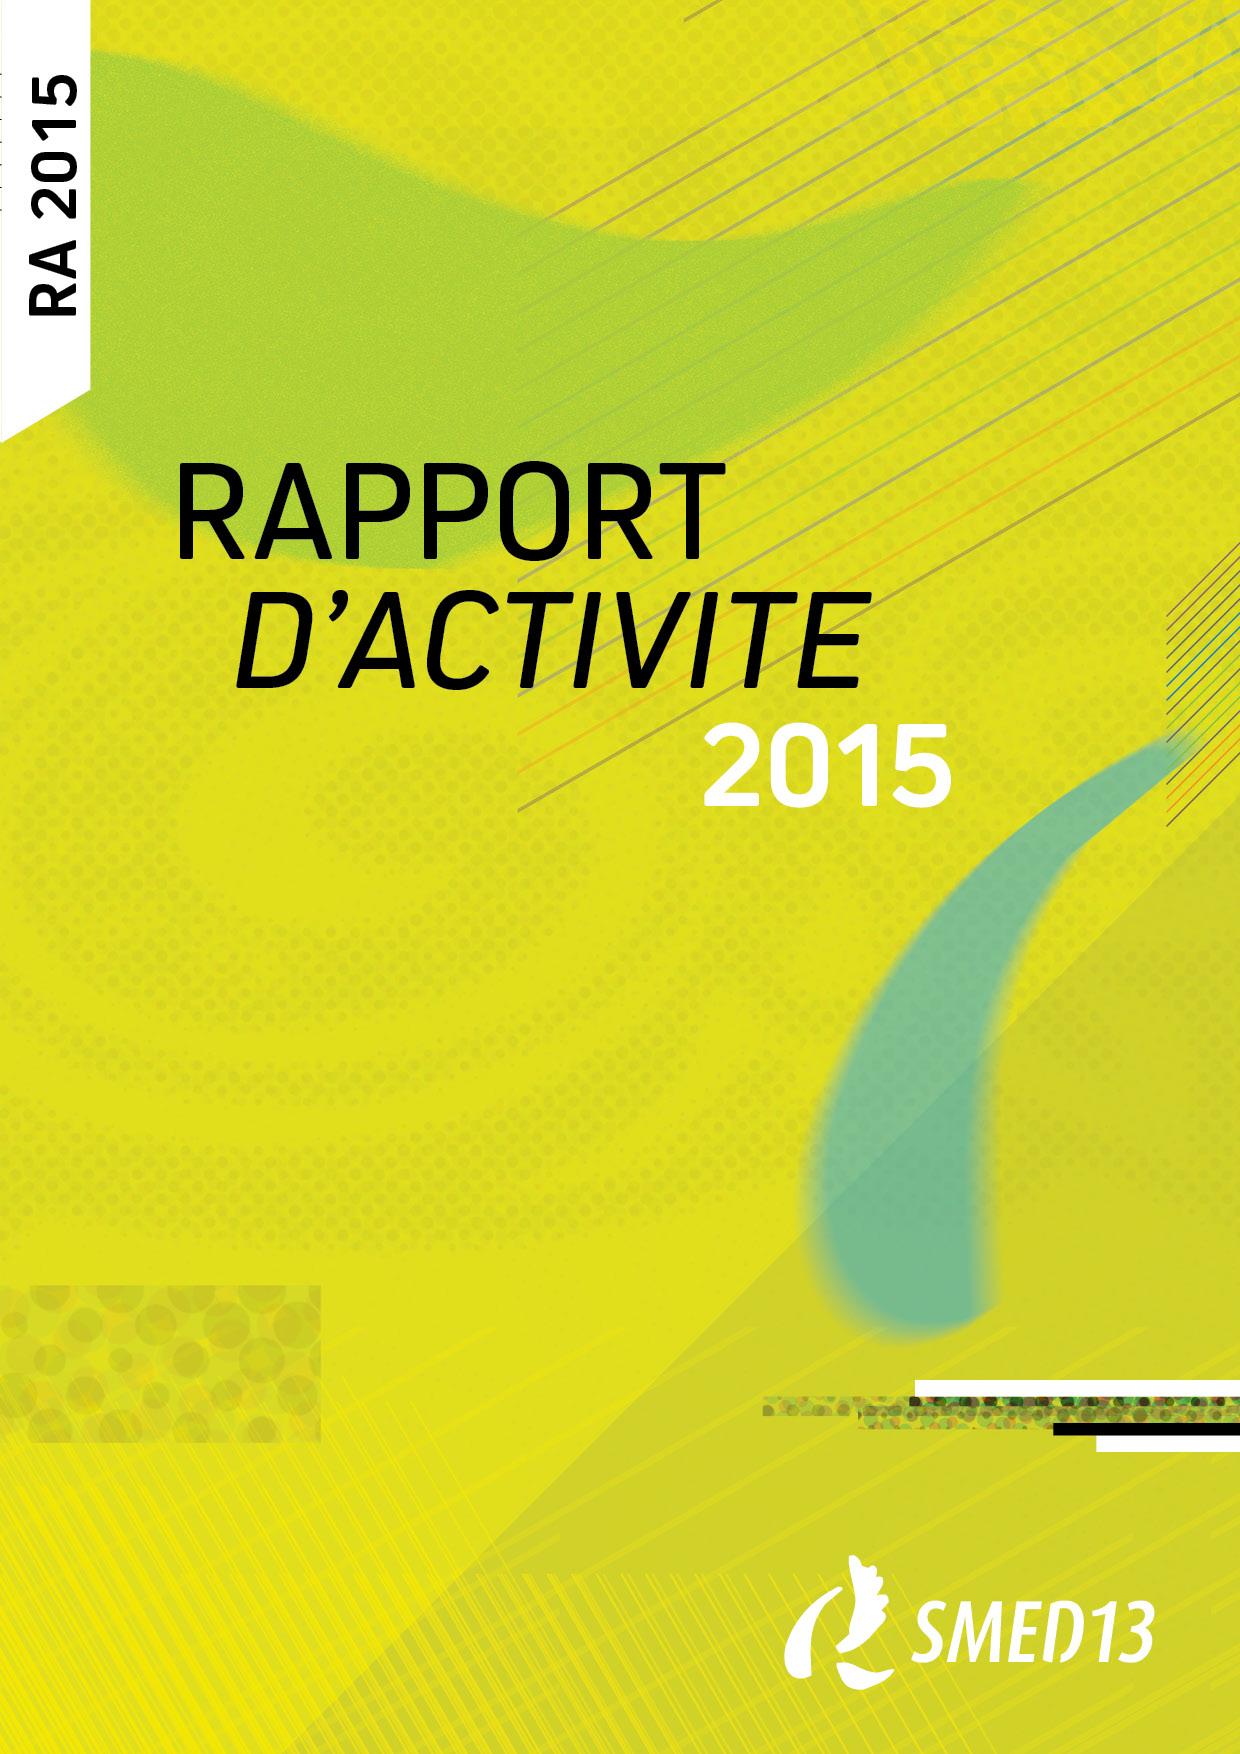 SMED13 - RAPPORT D'ACTIVITE 2015 (2016)